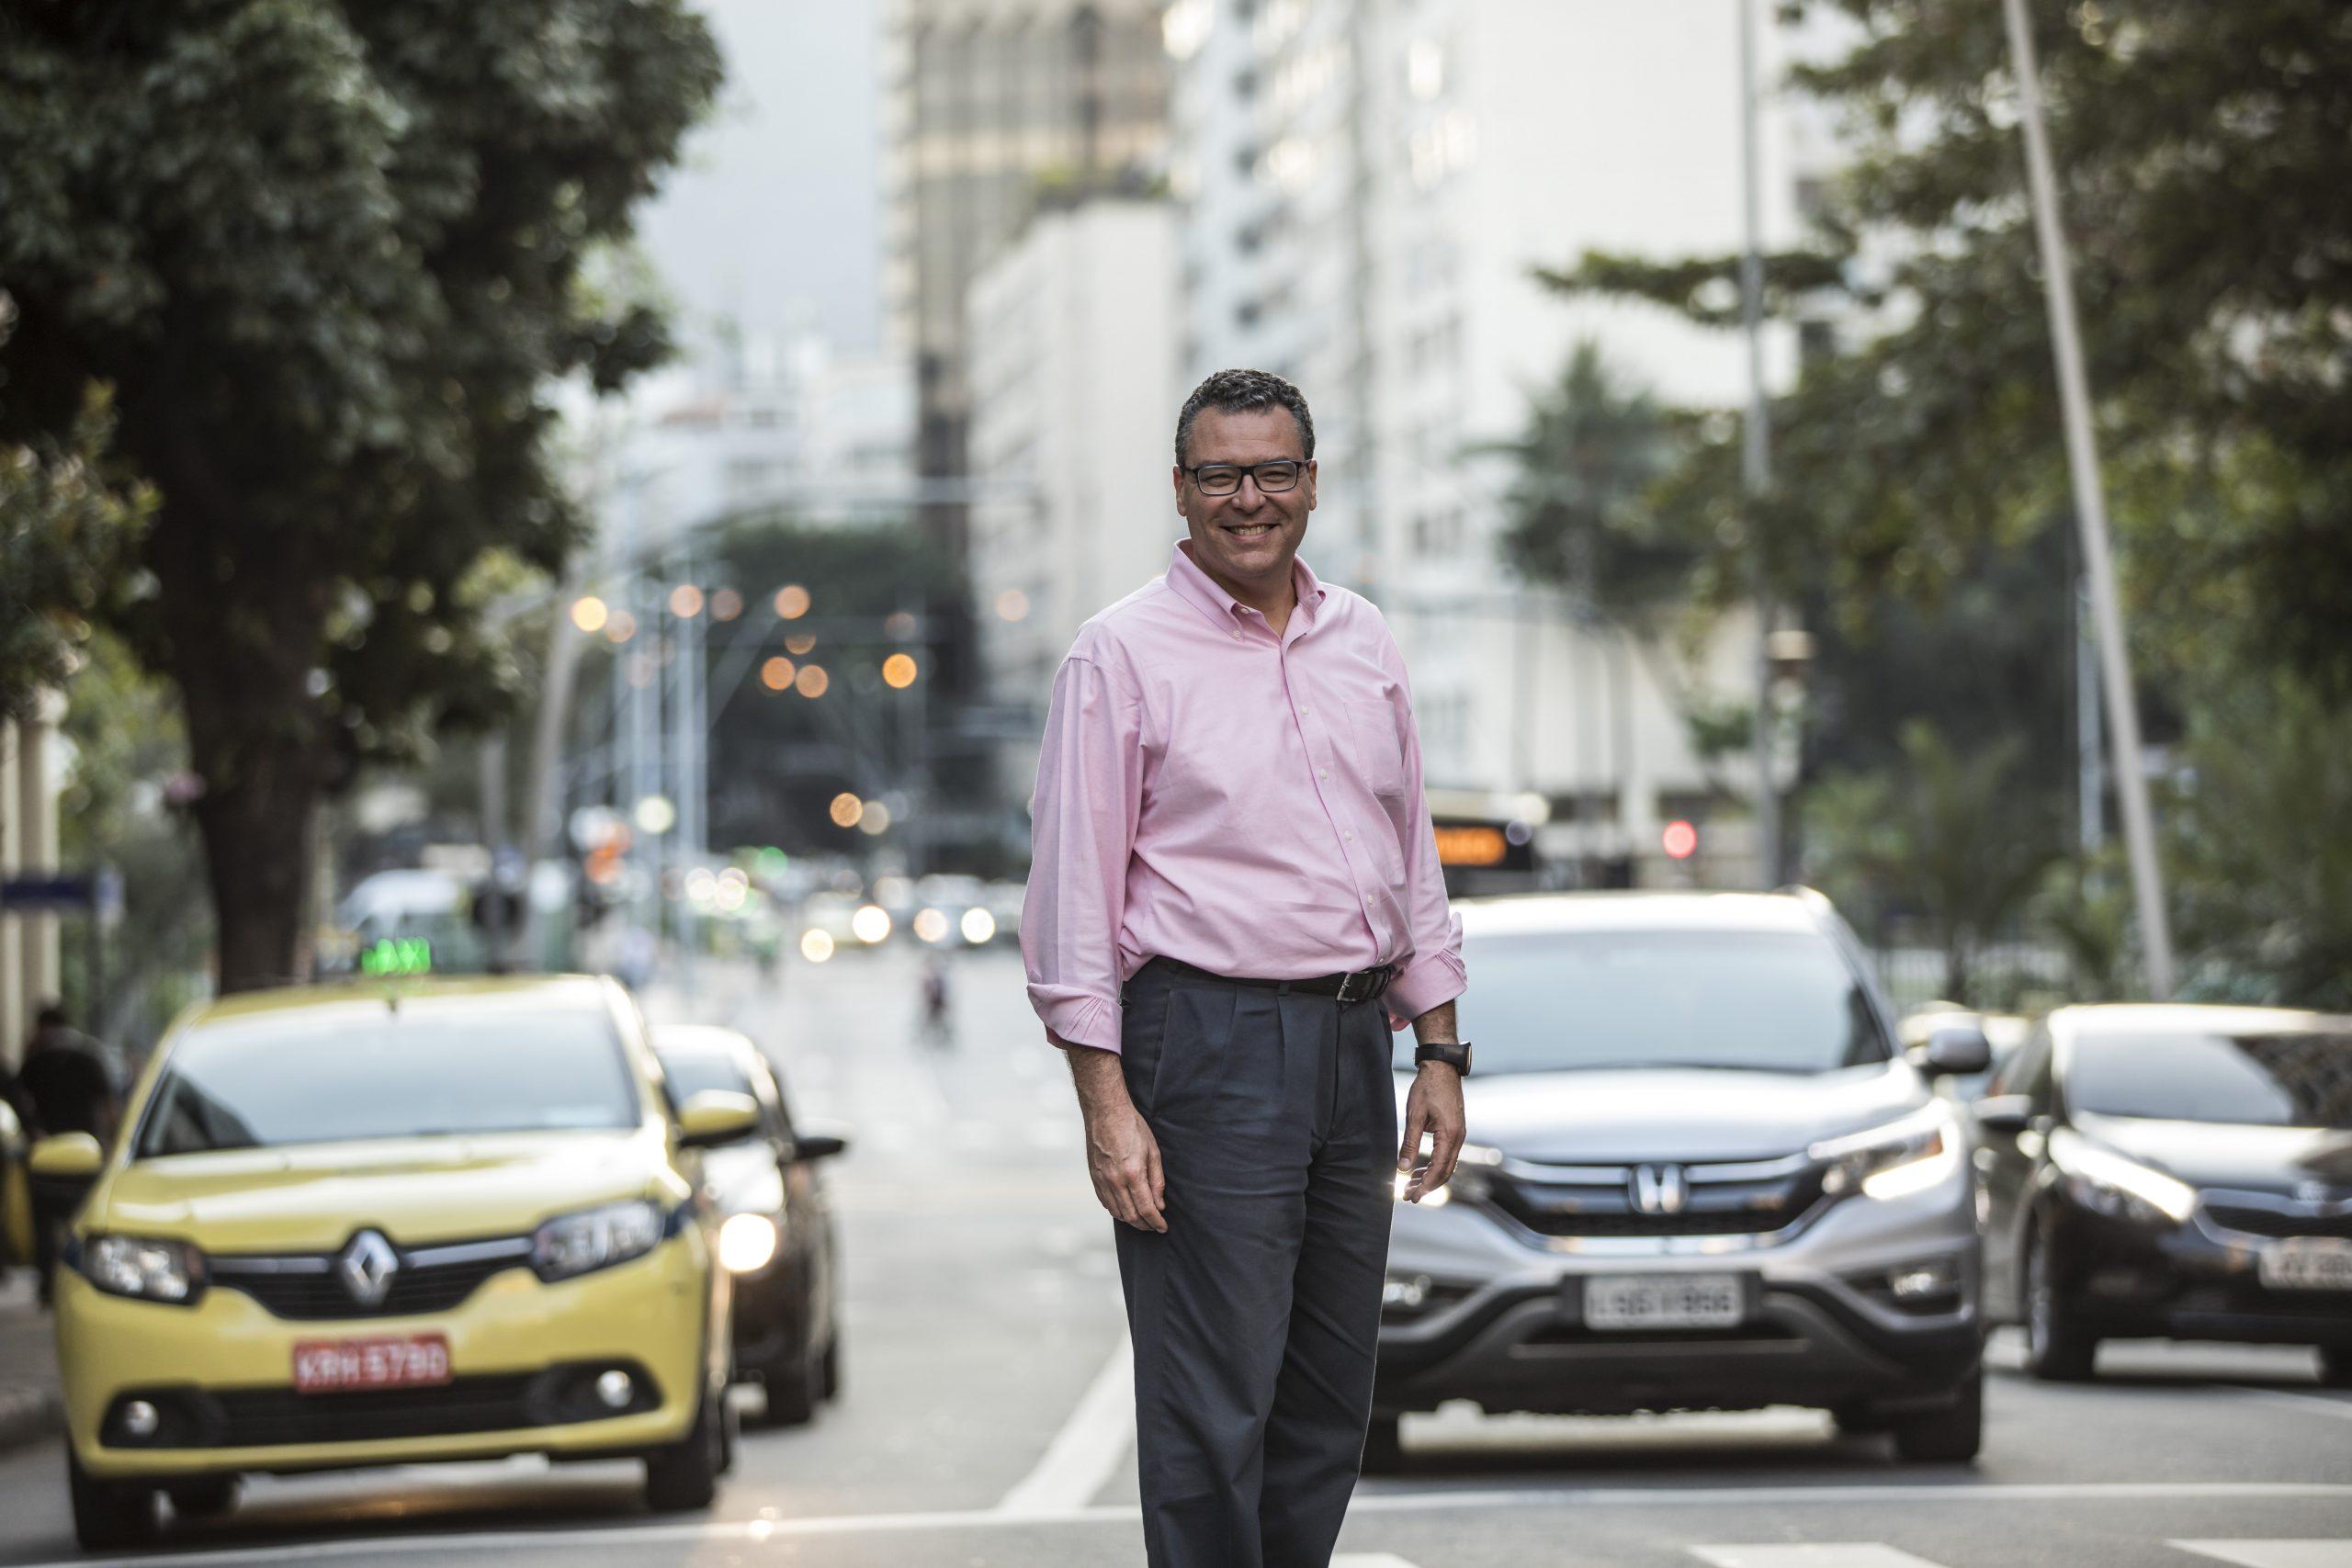 Marcelo Trindade parado numa rua no Rio de Janeiro